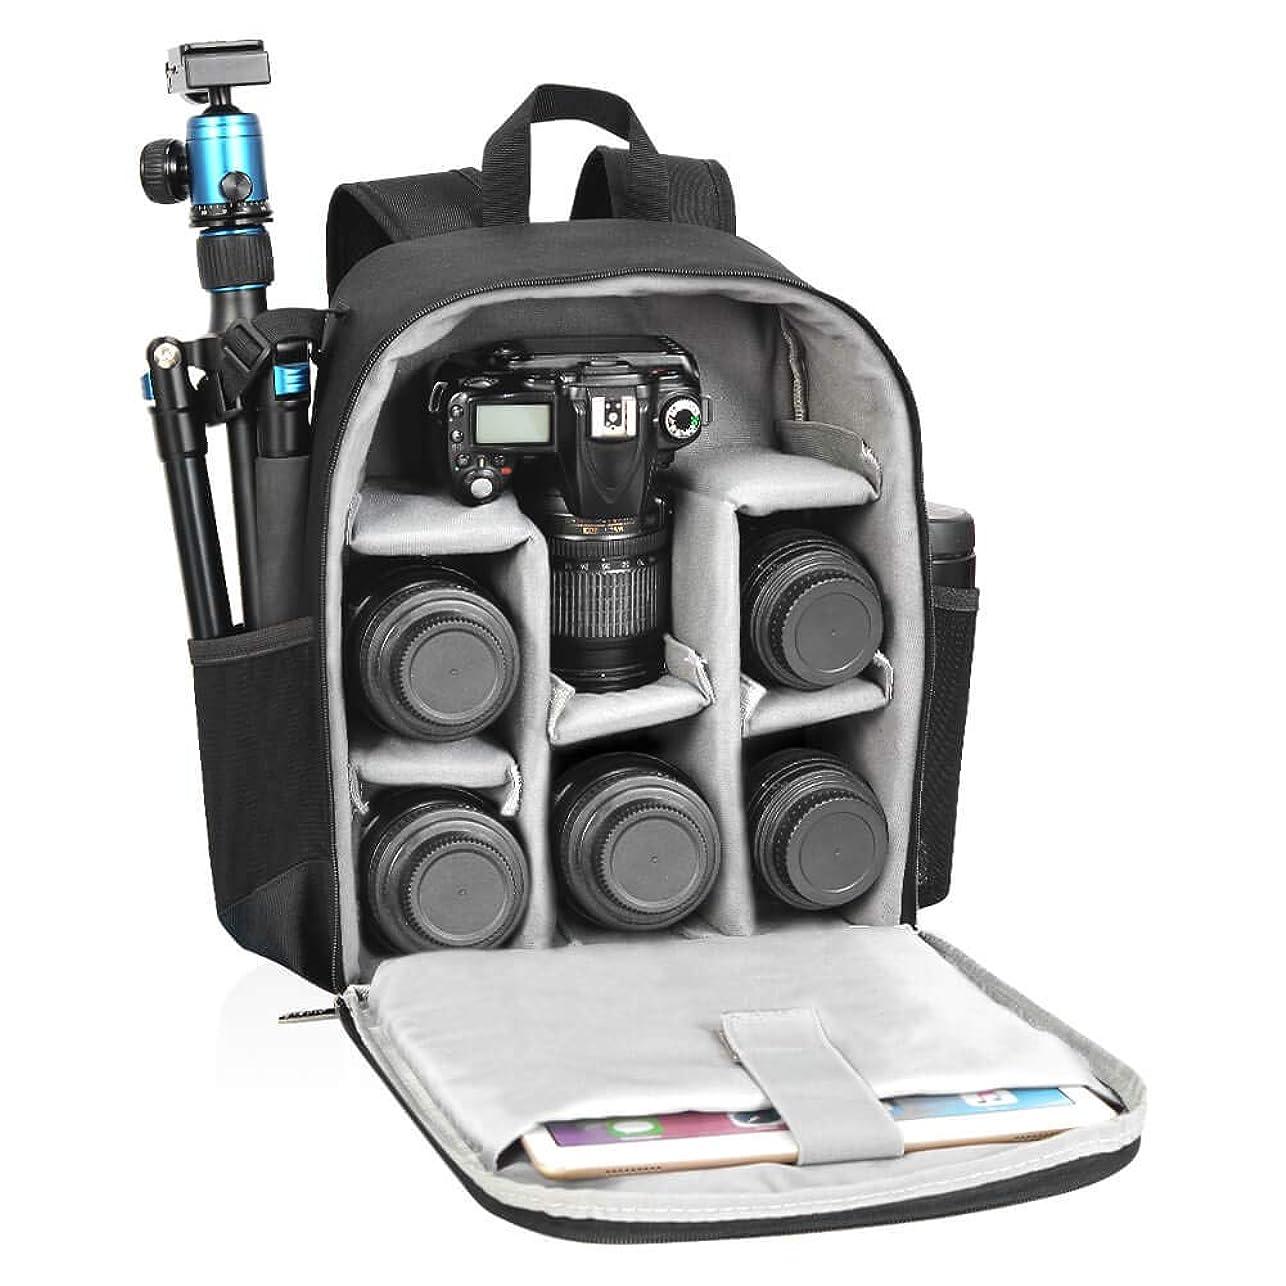 しなければならない小競り合い抽選CADeN防水耐衝撃 カメラばっぐ 一眼レフ/三脚取付可 カメラリュック バック おしゃれ カメラバック カメラリュックプロカメラバックパック (D6 IIブラック)